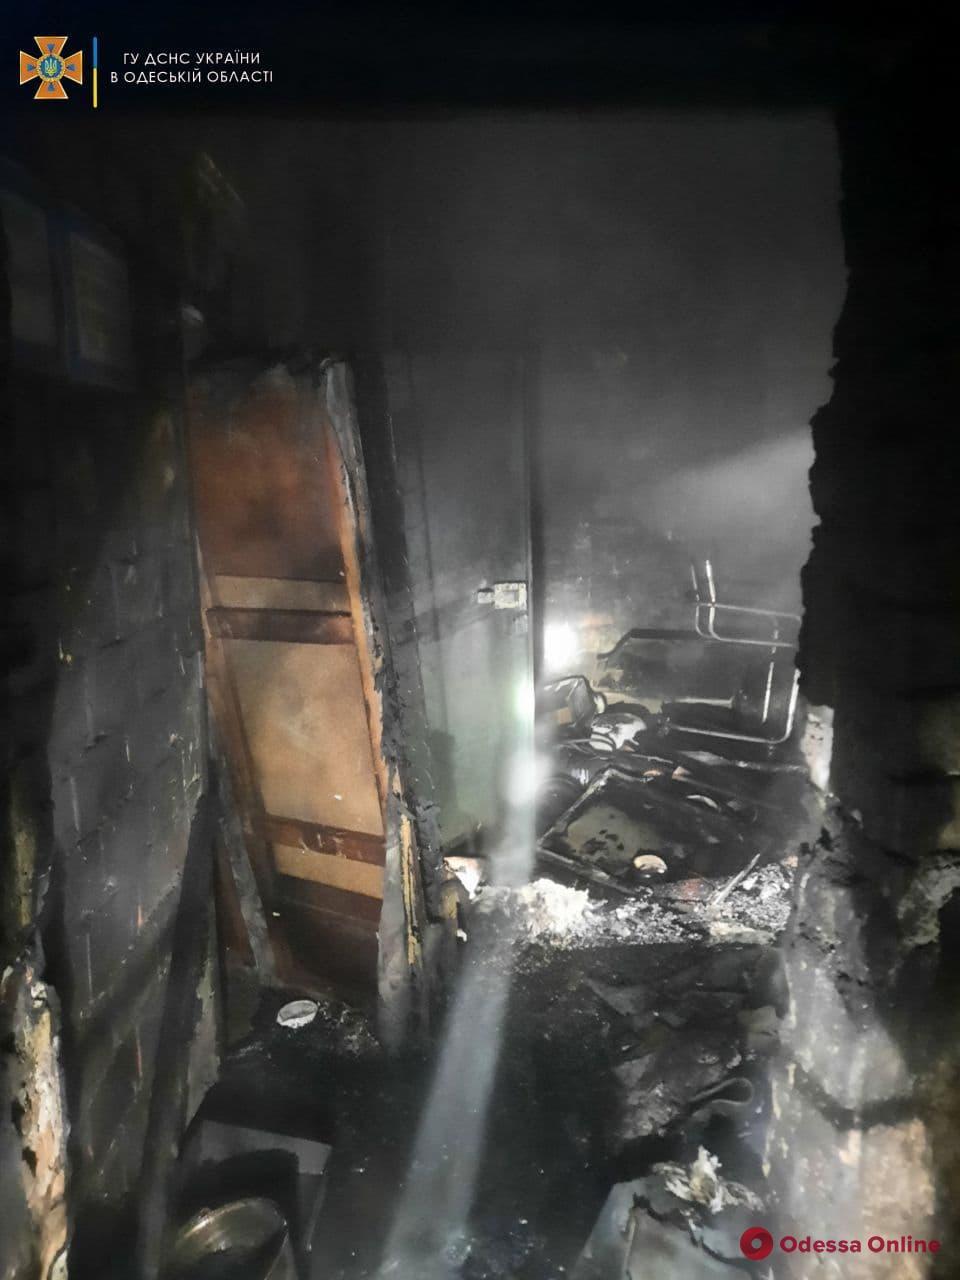 В Одессе спасатели предотвратили взрыв на складе металлолома